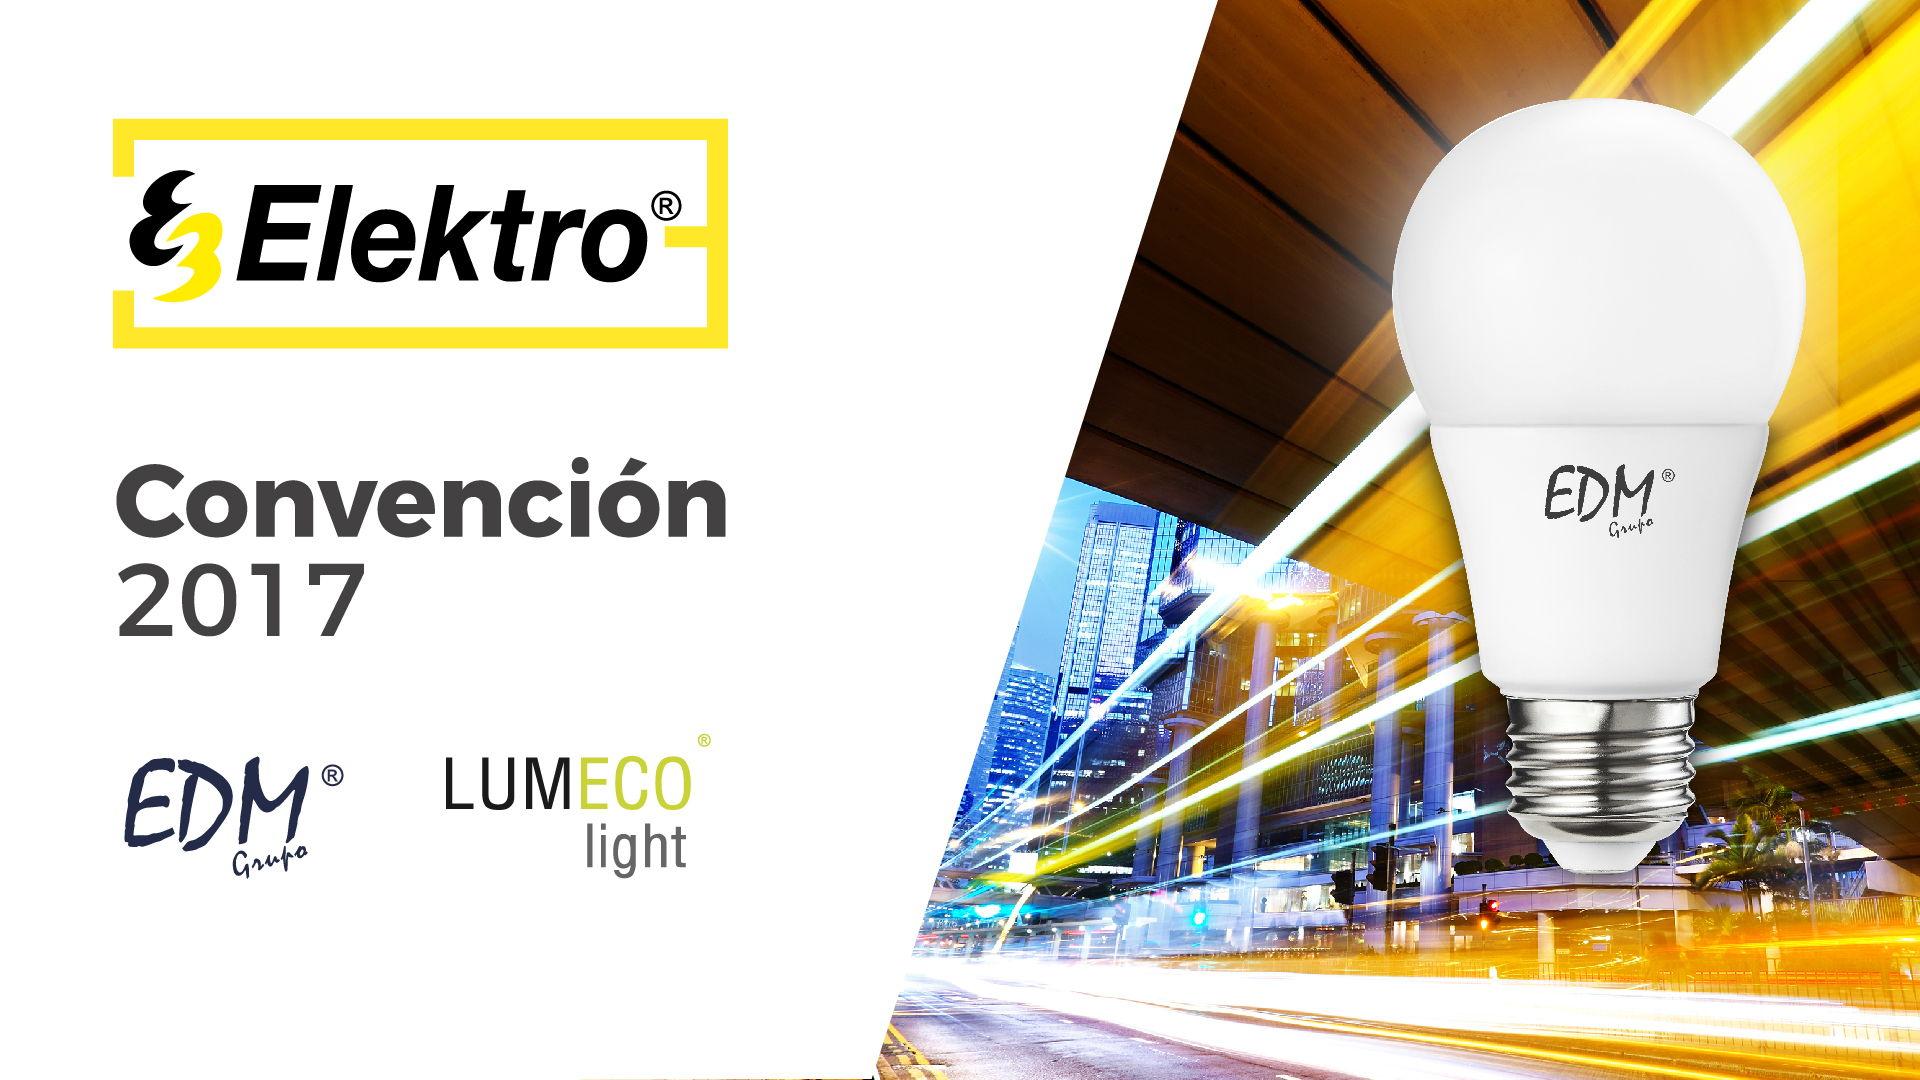 Convenção Elektro3 - Grupo EDM 2017